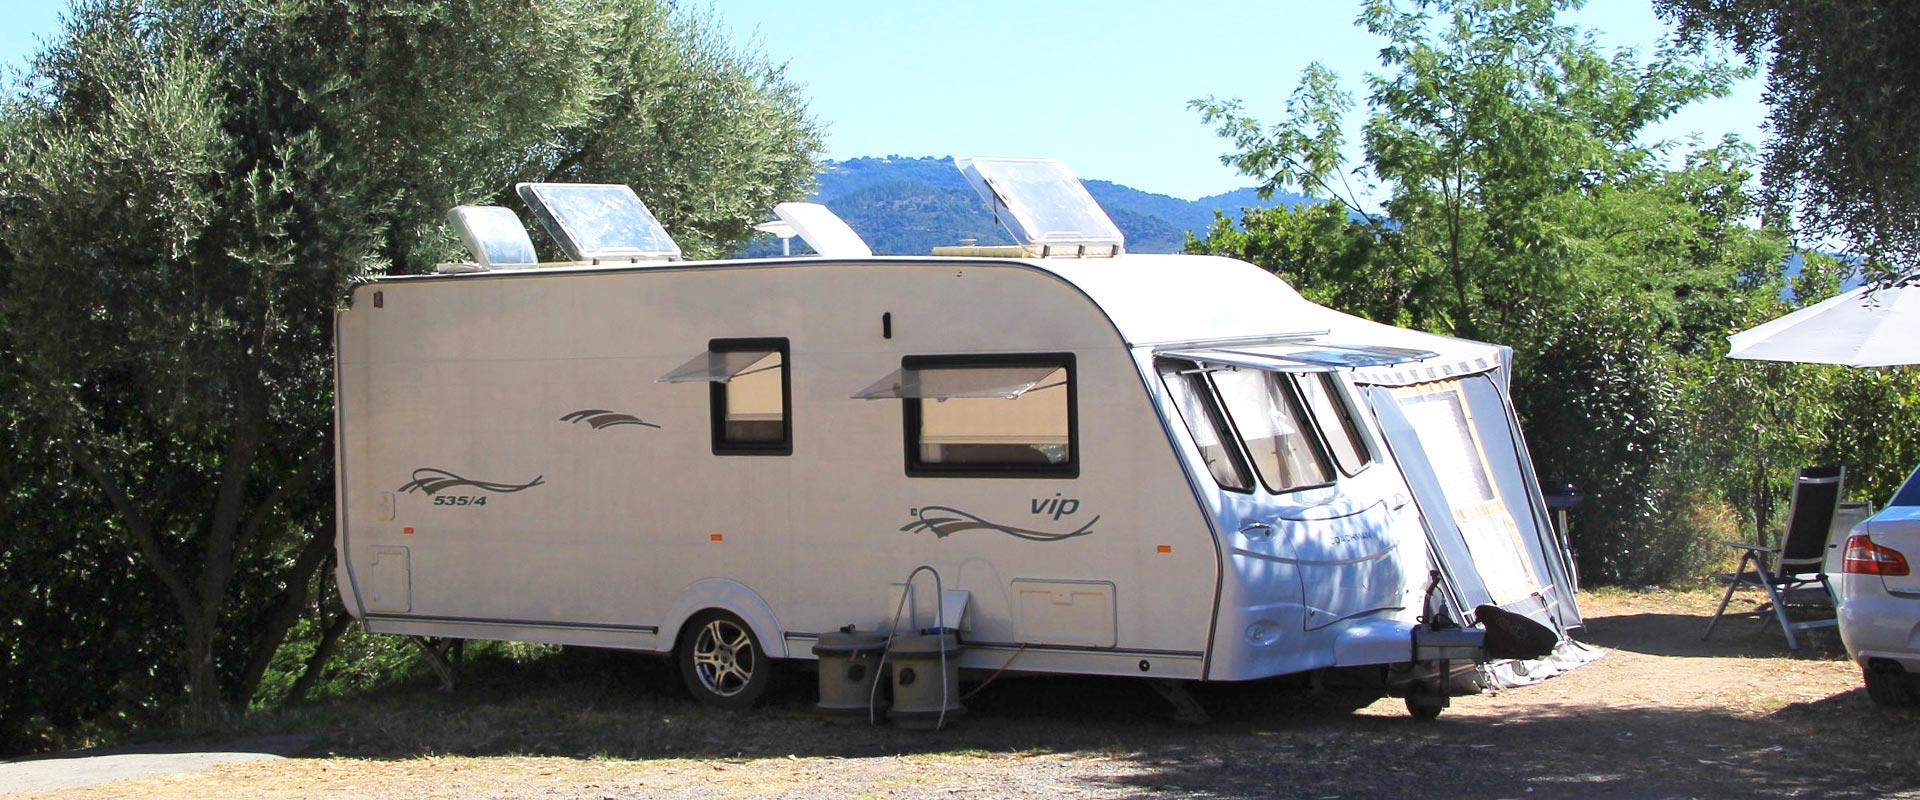 Emplacement Terrasse avec une caravane